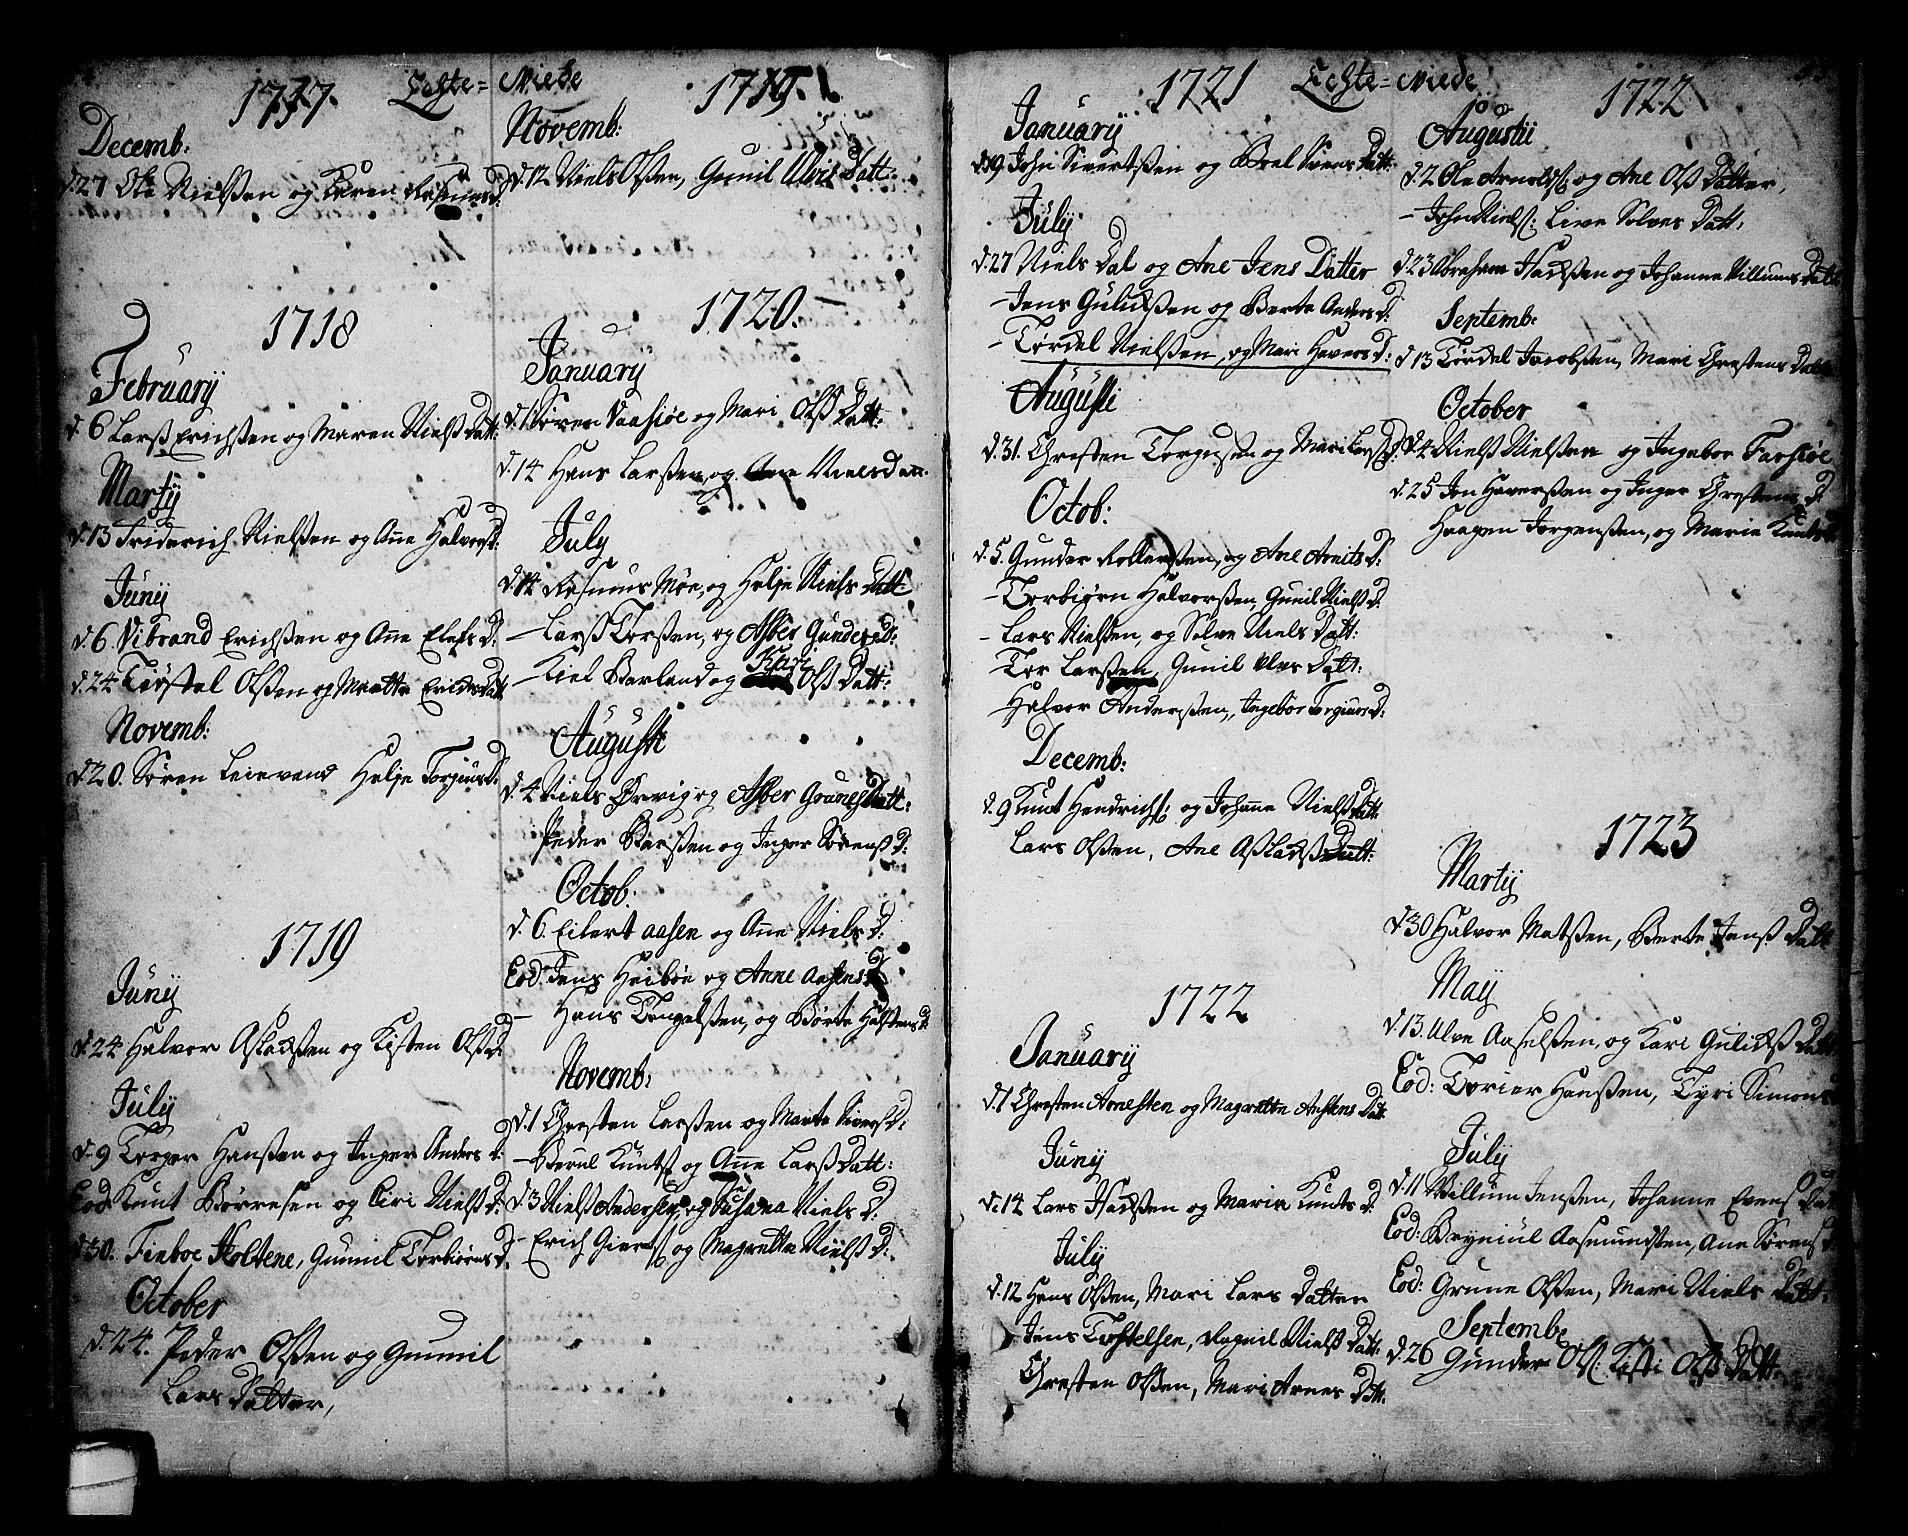 SAKO, Sannidal kirkebøker, F/Fa/L0001: Ministerialbok nr. 1, 1702-1766, s. 54-55